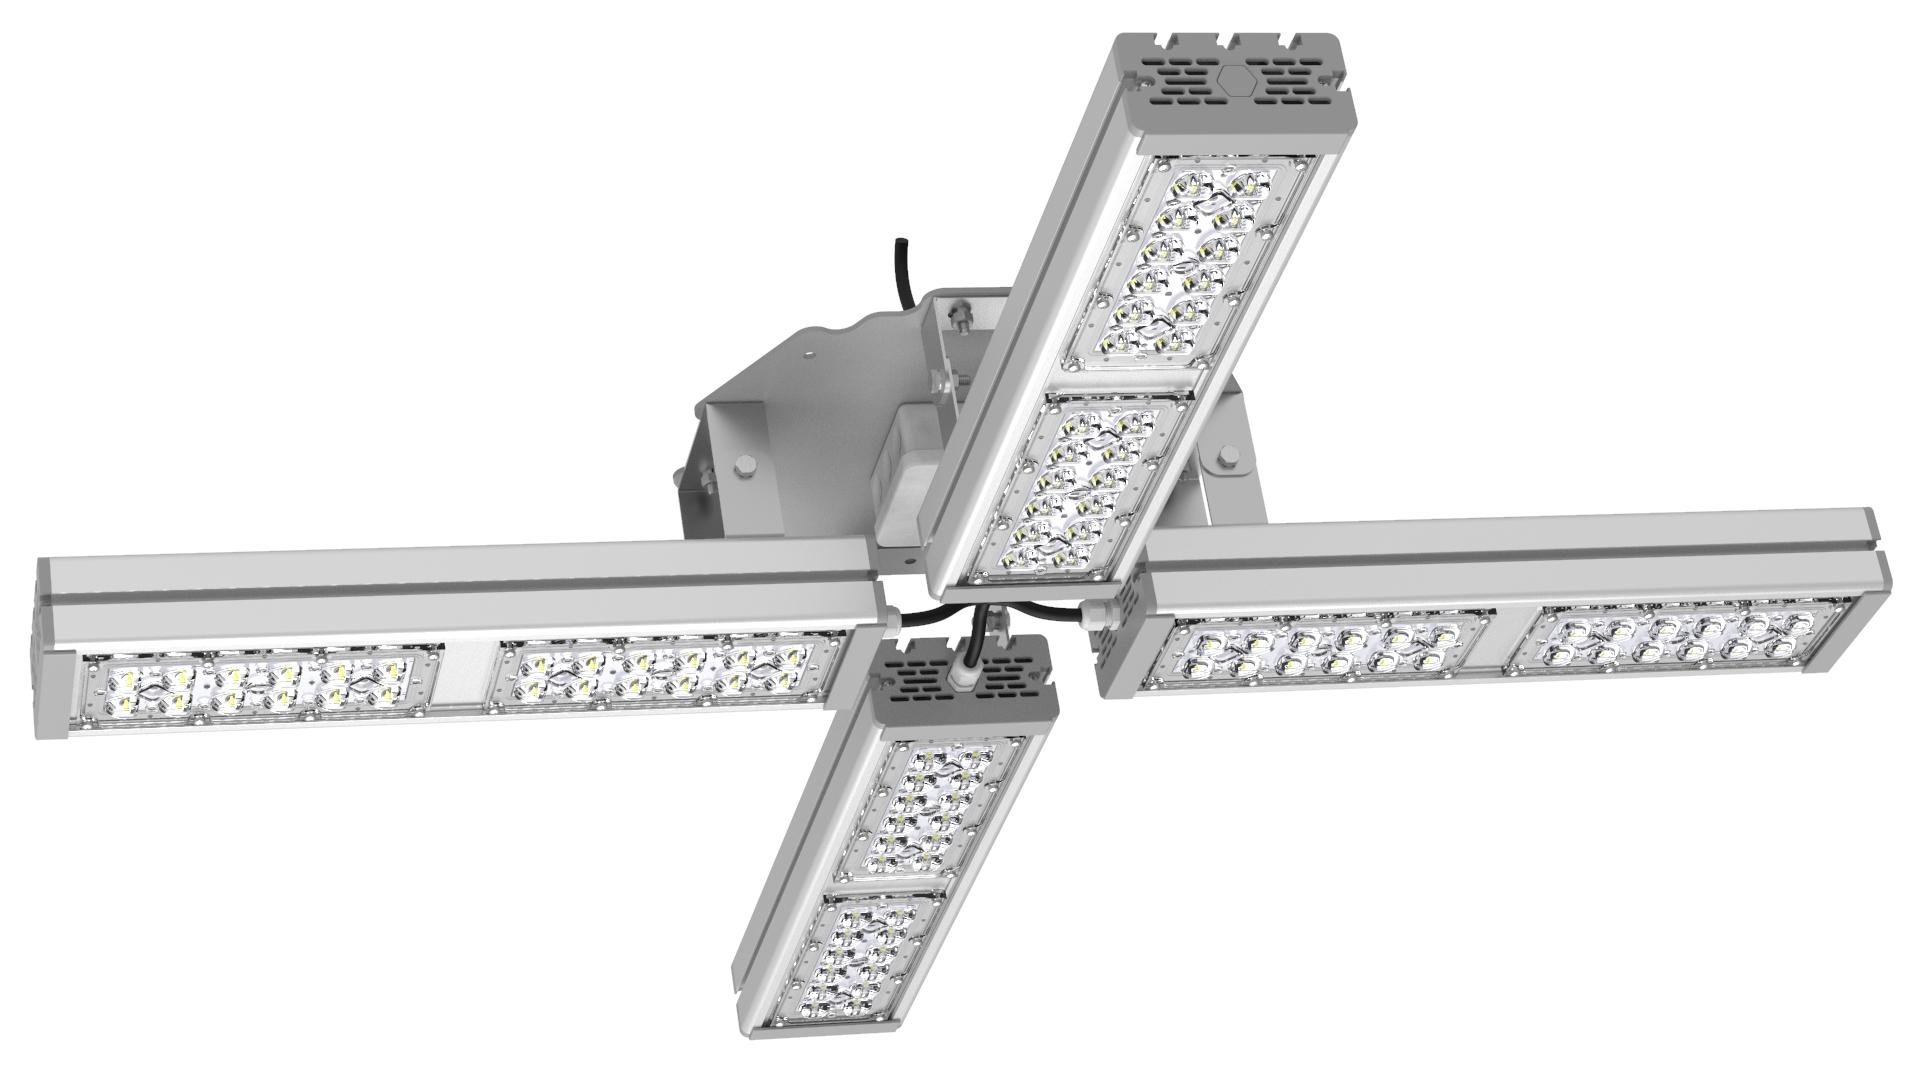 Светильник подвесной Ромашка High-Bay SVT-P-FLOWER-212Вт-27 (с защитой от 380В, трос)